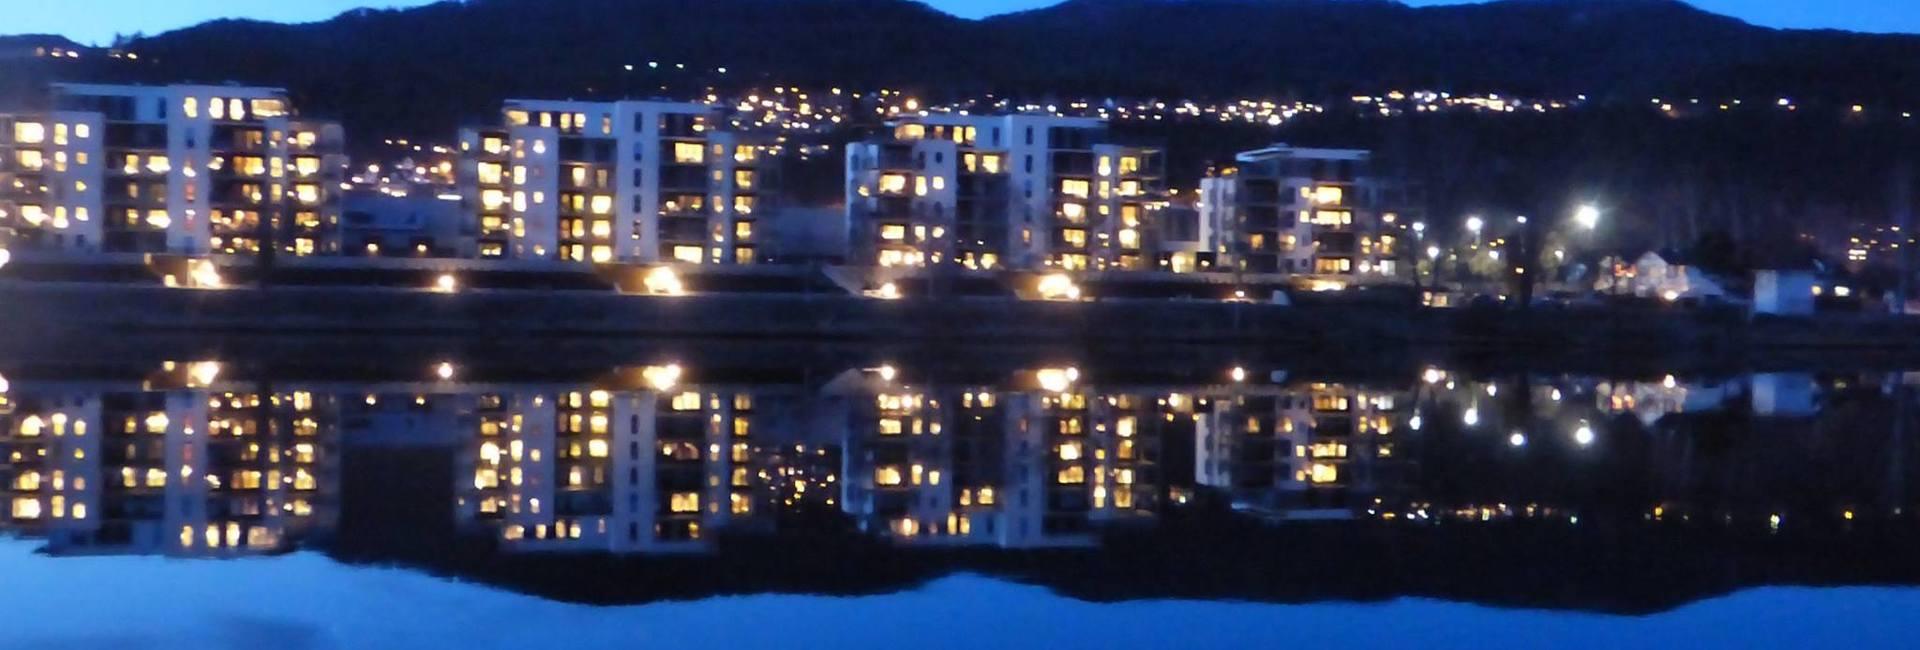 by night 2.jpg